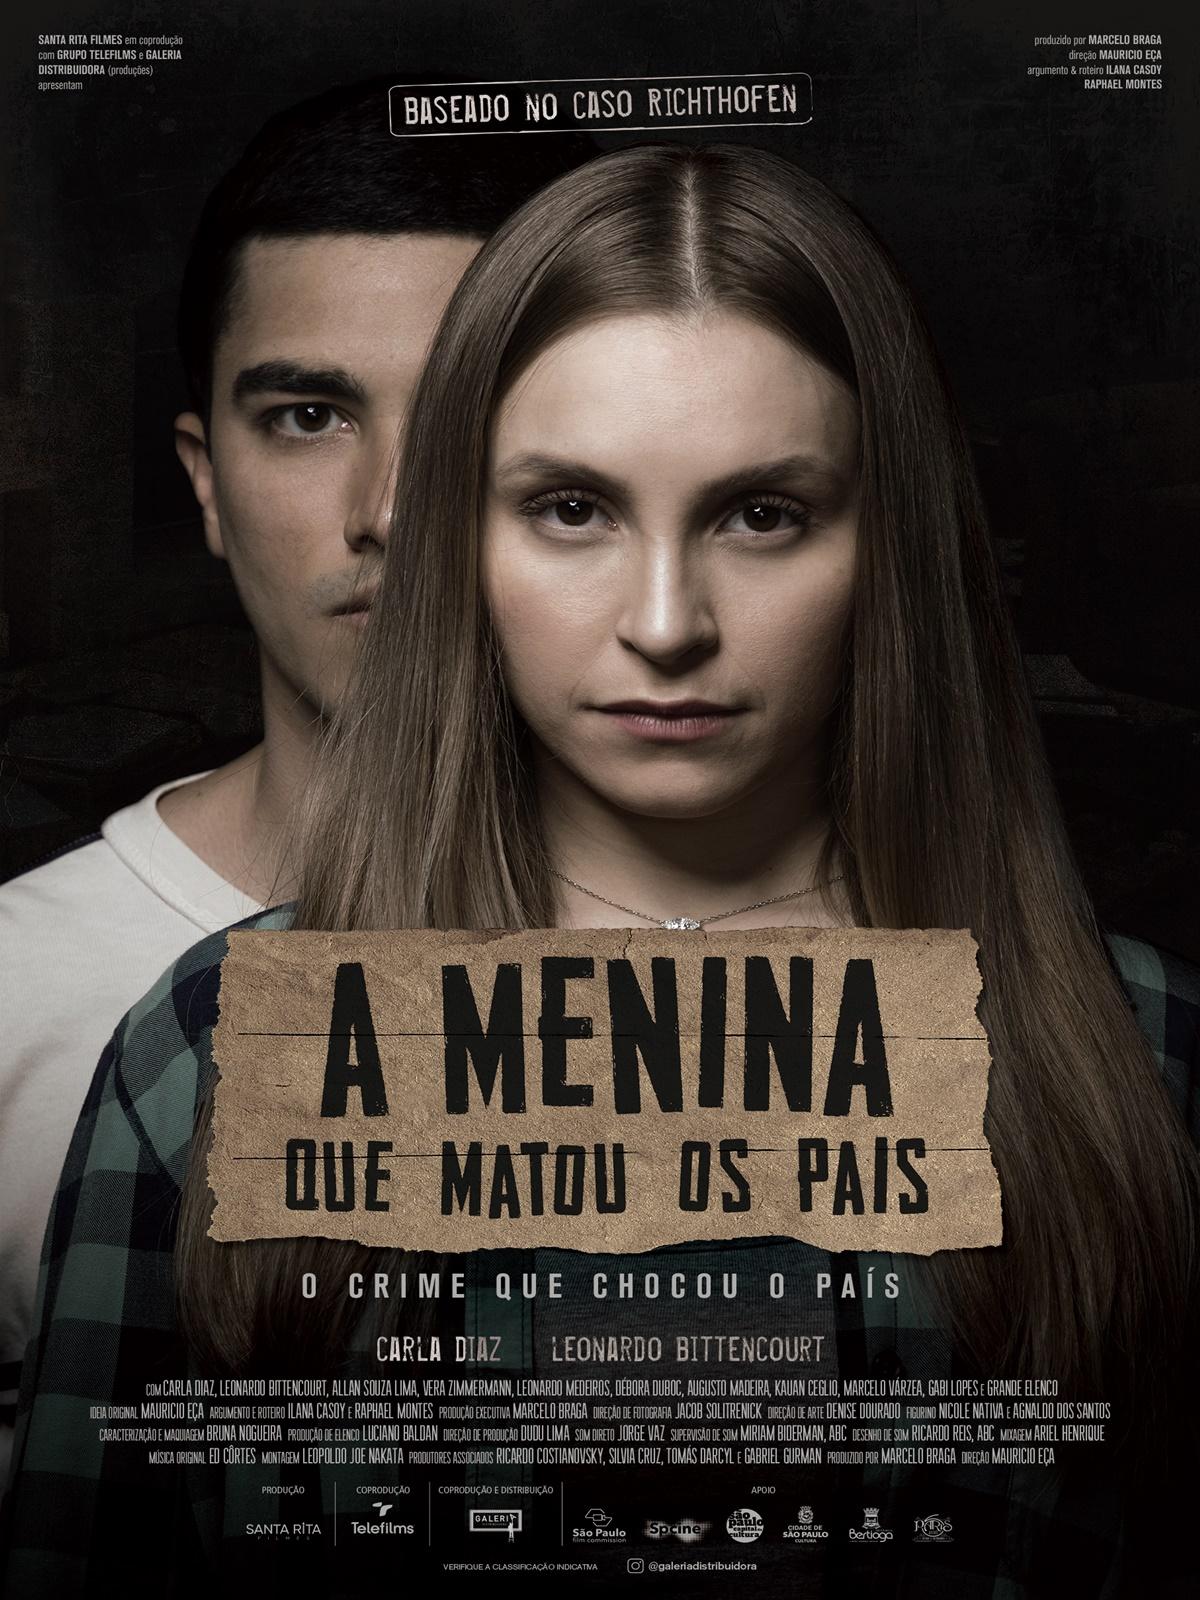 Download Filme A Menina que Matou os Pais Torrent 2021 Qualidade Hd